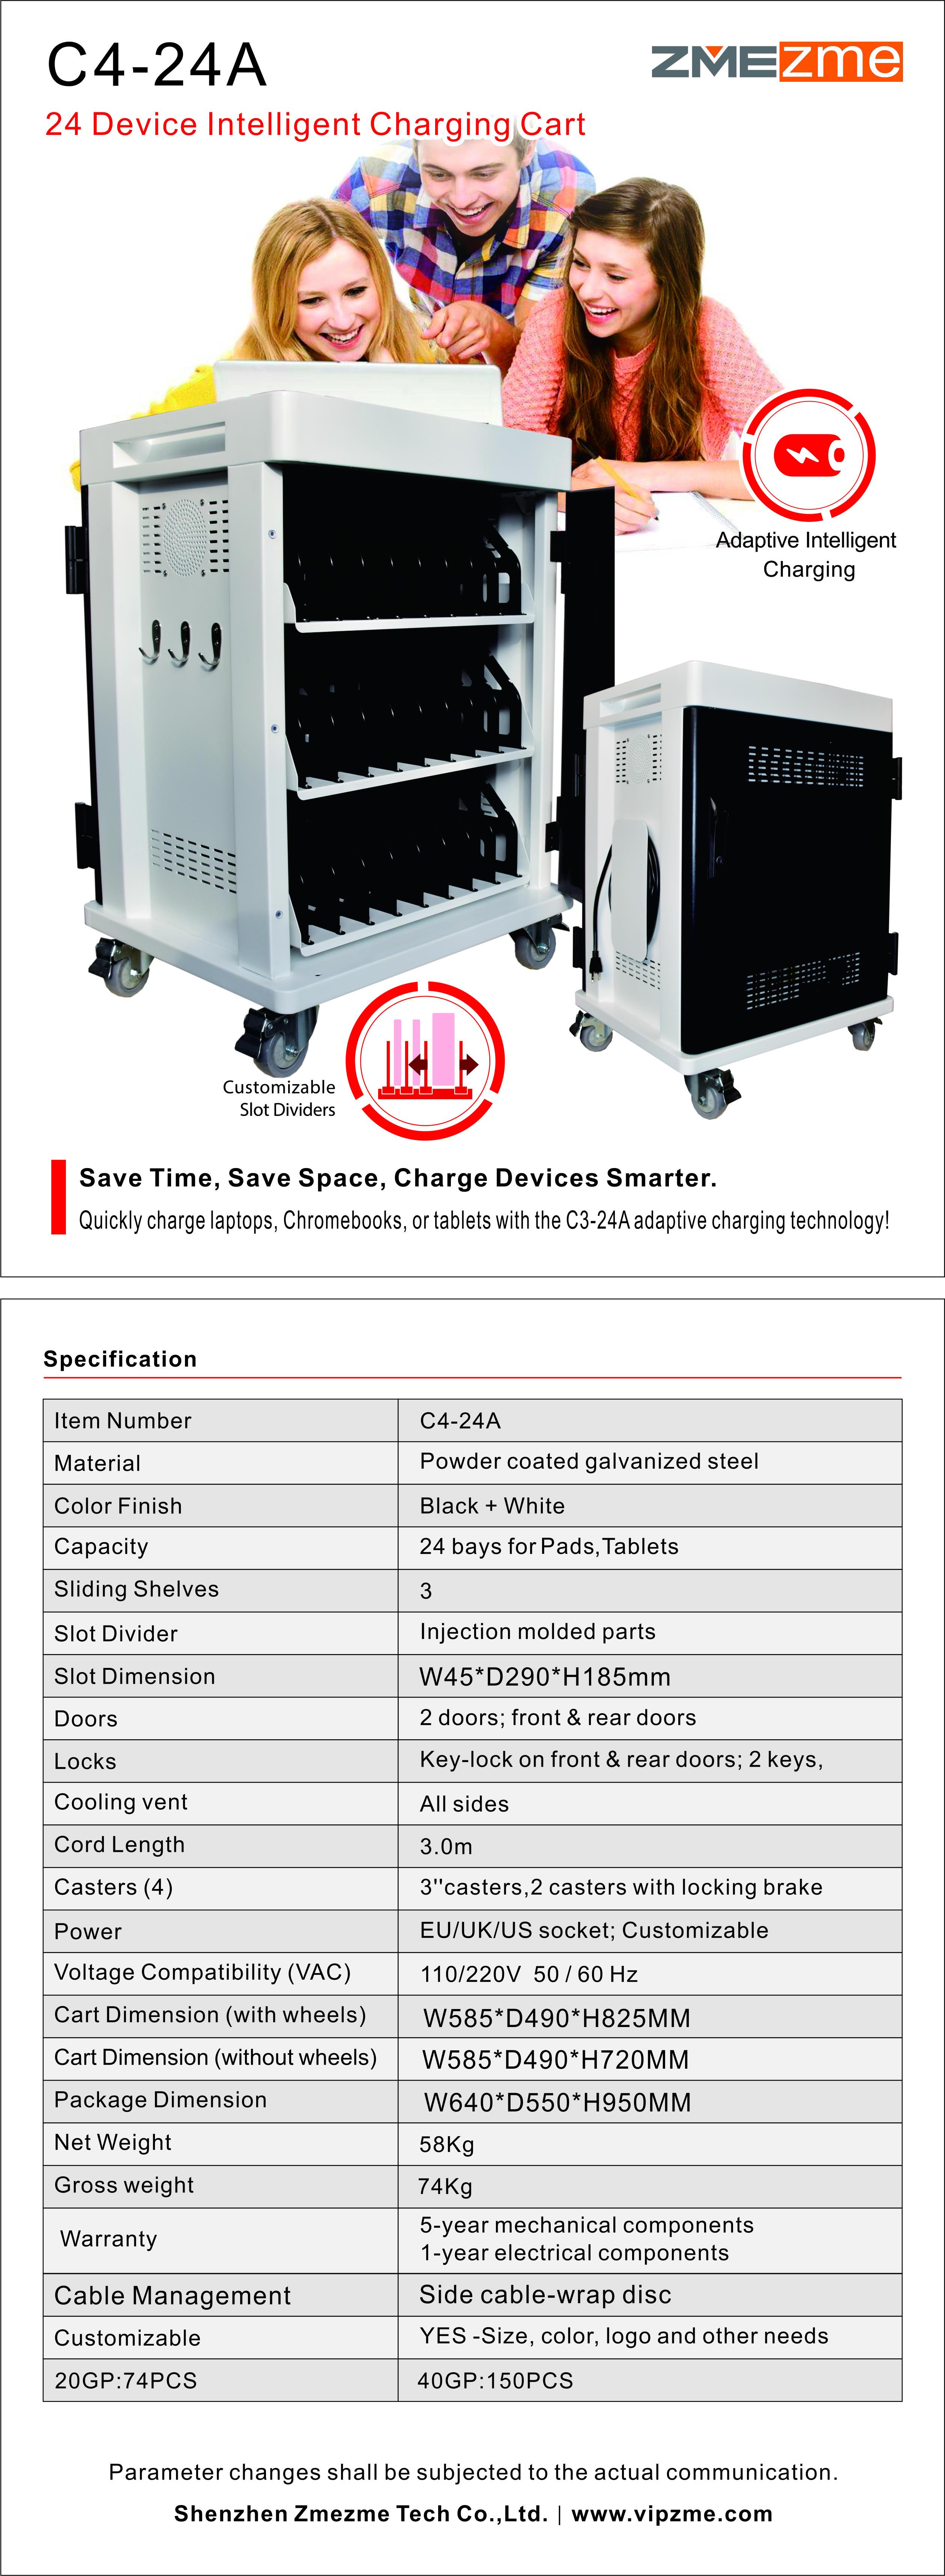 ZMEZME 32 compresse chrome libro ipad metallo di ricarica di stoccaggio trolley/carrello/cabinet